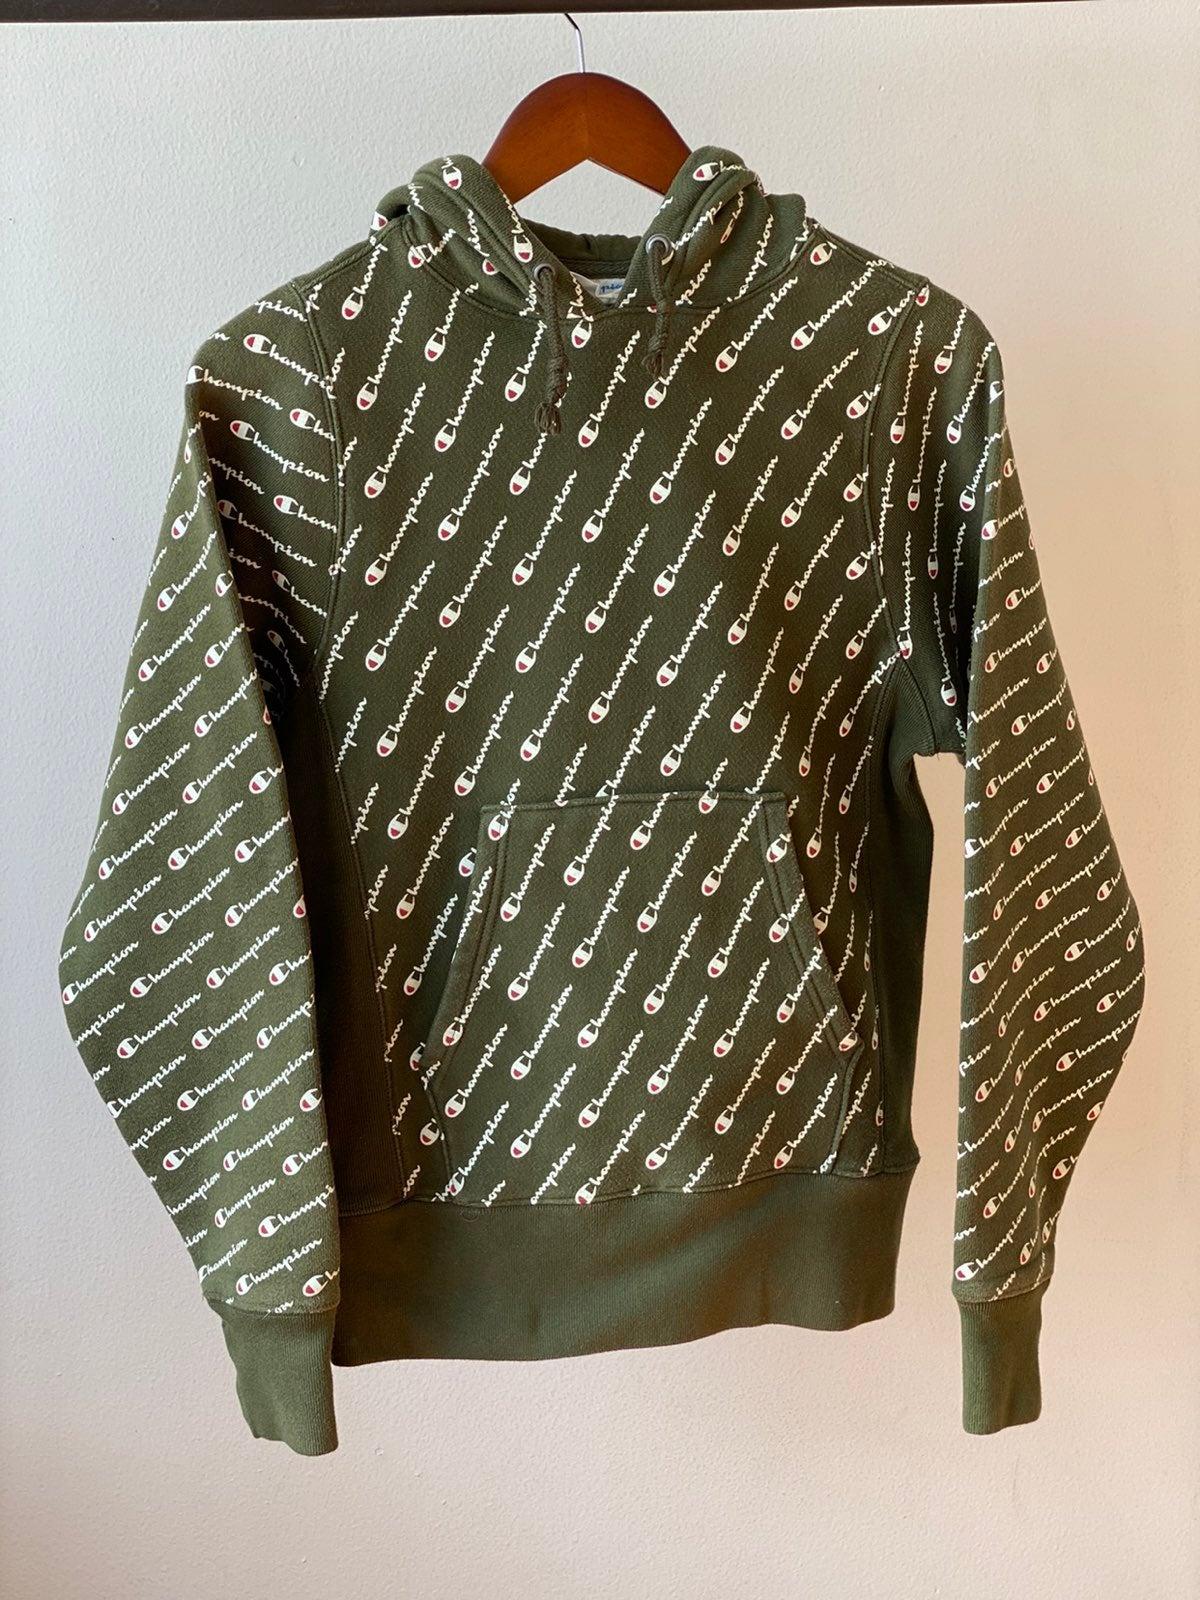 Vintage Champion Reverse Weave Hoodie